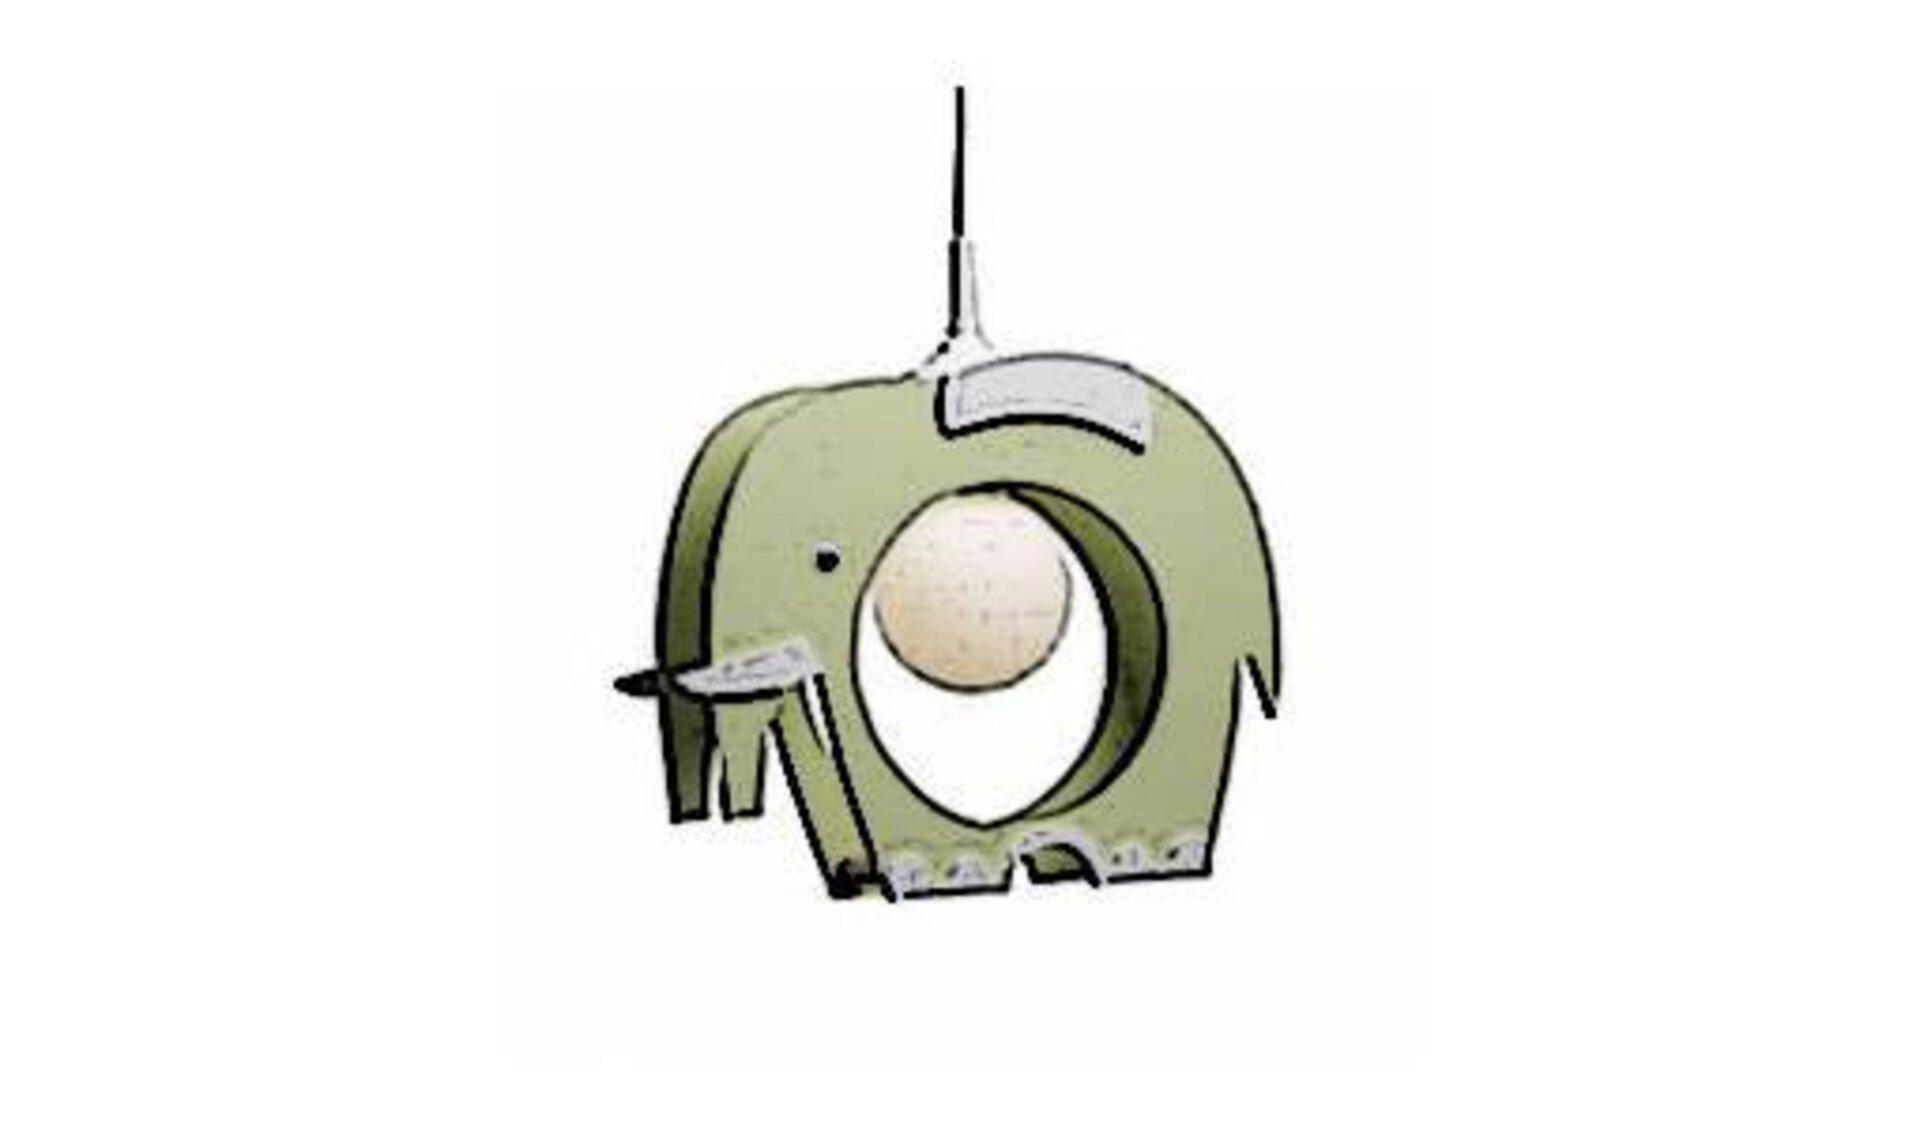 Icon für Kinderleuchten zeigt einen Holzelefanten mit runder Lampe im ausgeschnittenen Bauch.